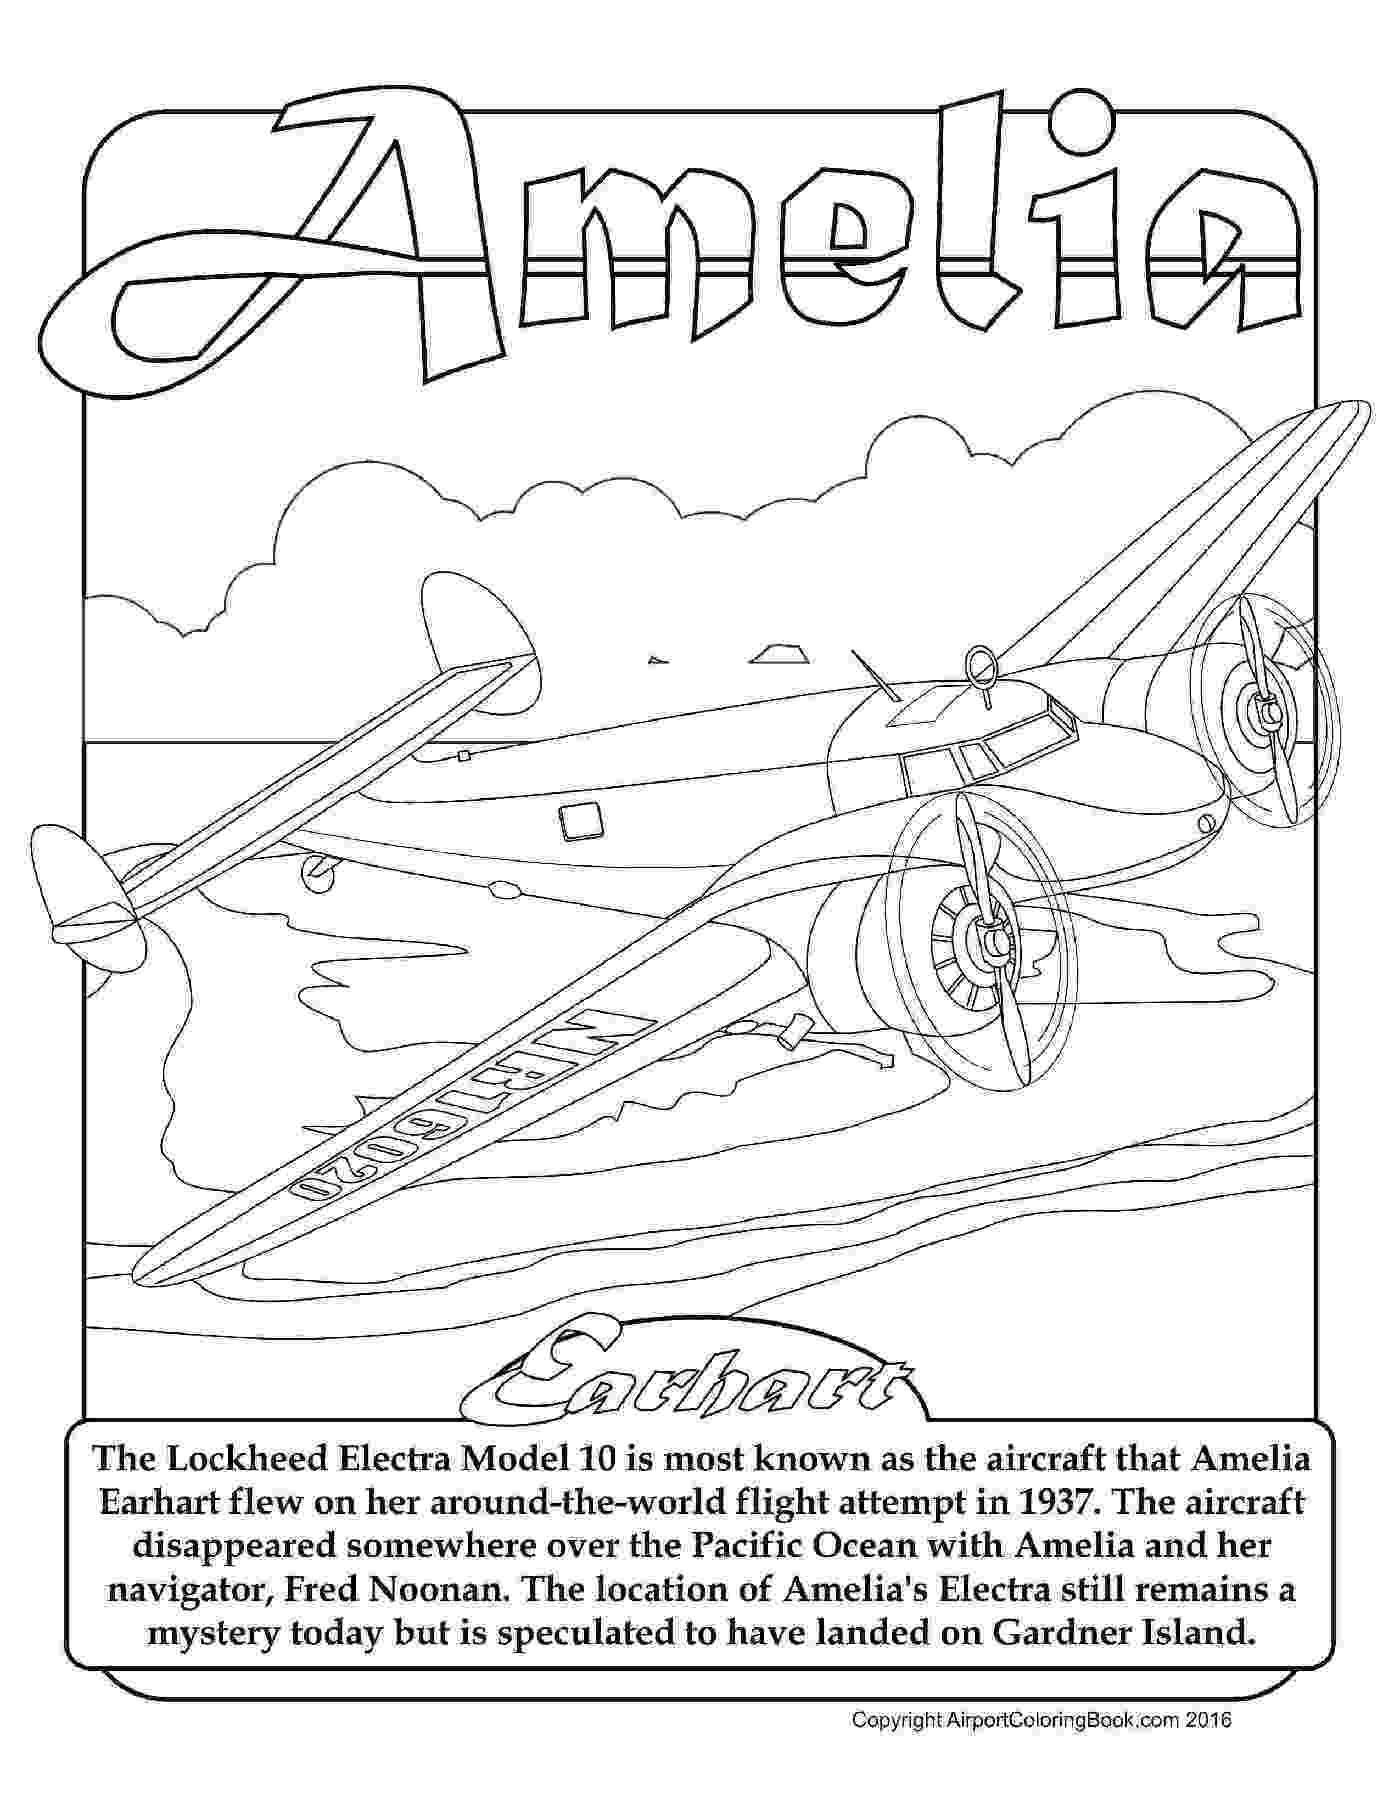 amelia earhart coloring page amelia earhart coloring page free printable coloring pages page earhart coloring amelia